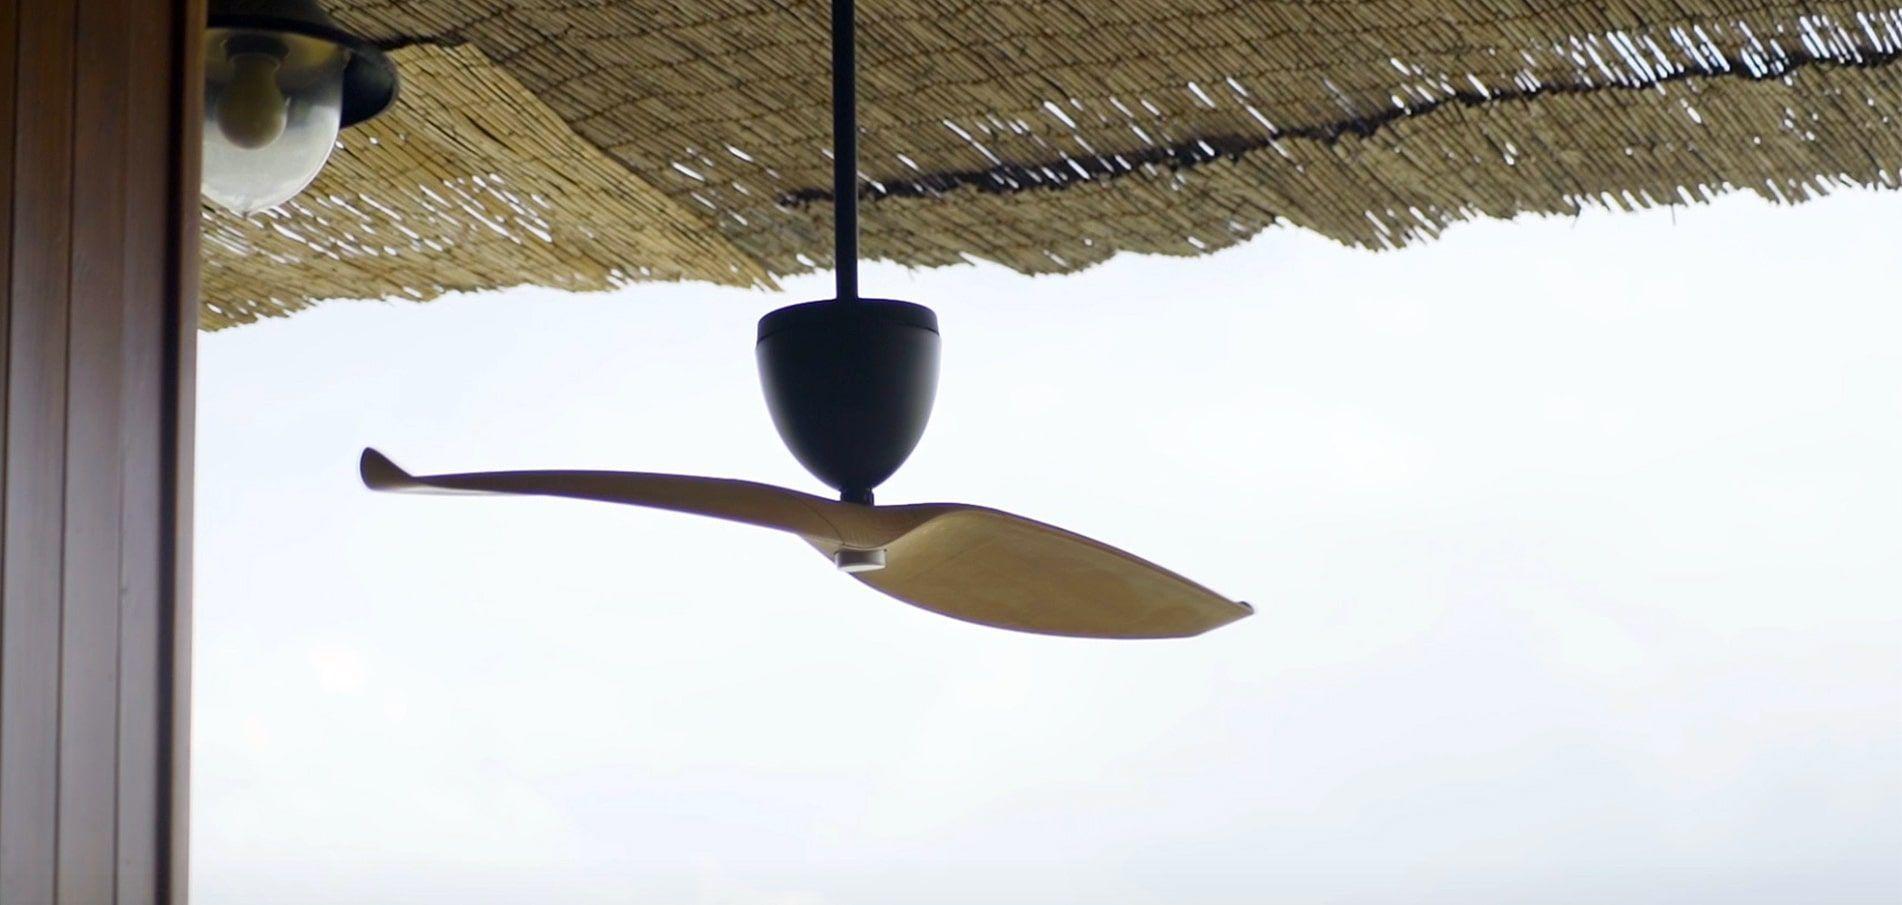 ventilador de techo-min